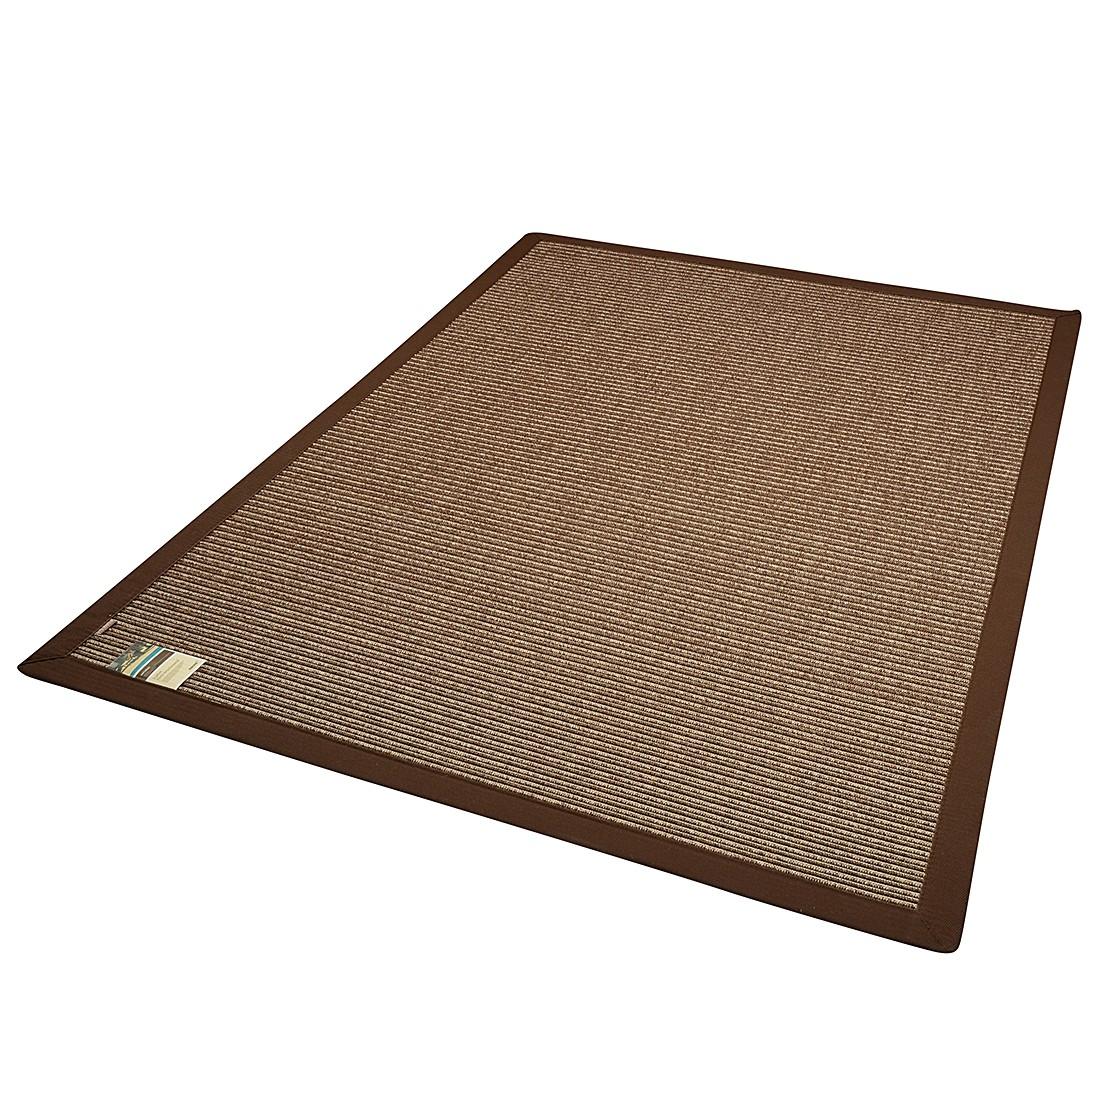 In-/Outdoorteppich Naturino Stripes – Schokoladenbraun – 80 x 250 cm, DEKOWE jetzt bestellen